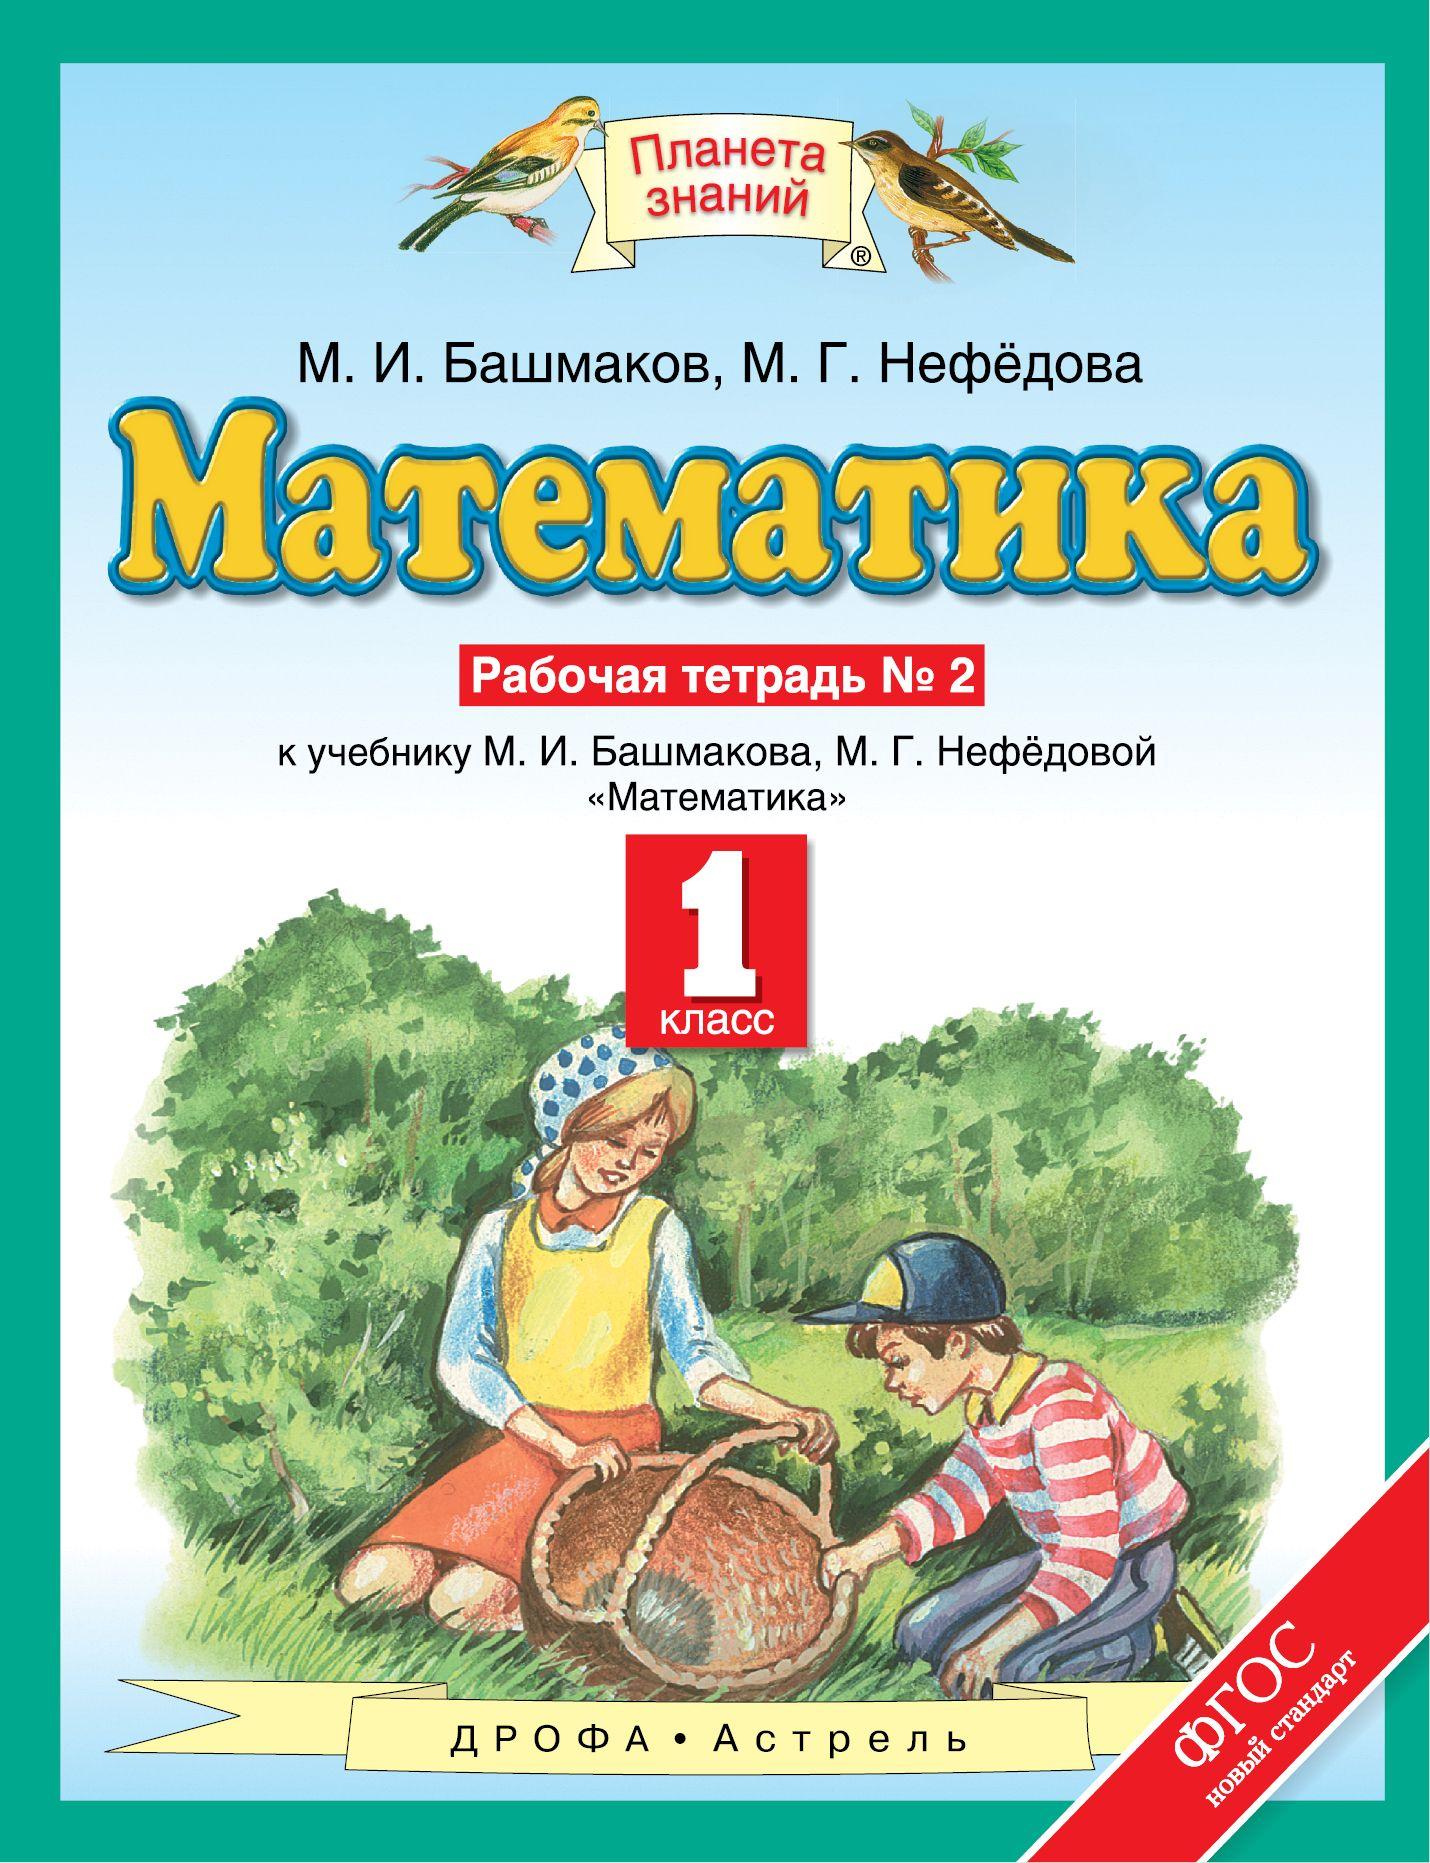 Скачать учебник голицынский 7 издание pdf скачать.